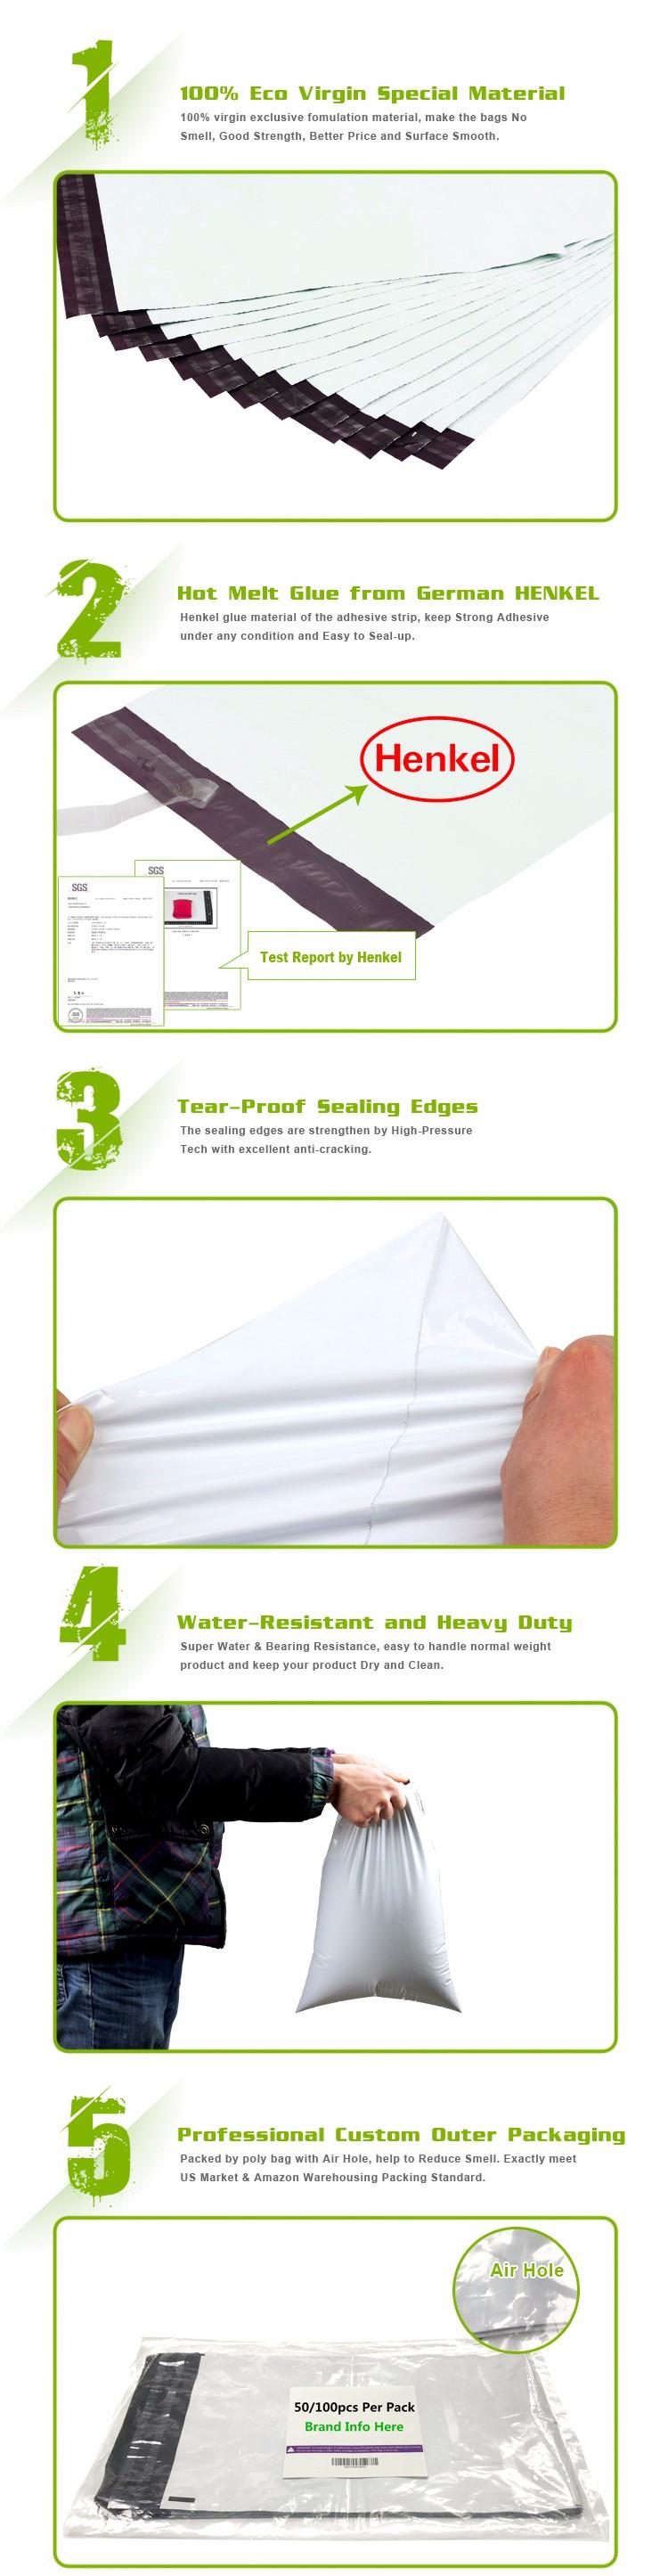 맞춤 디자인 친환경 핑크 Co 전 LDPE 폴리 메일러 배송 봉투 가방